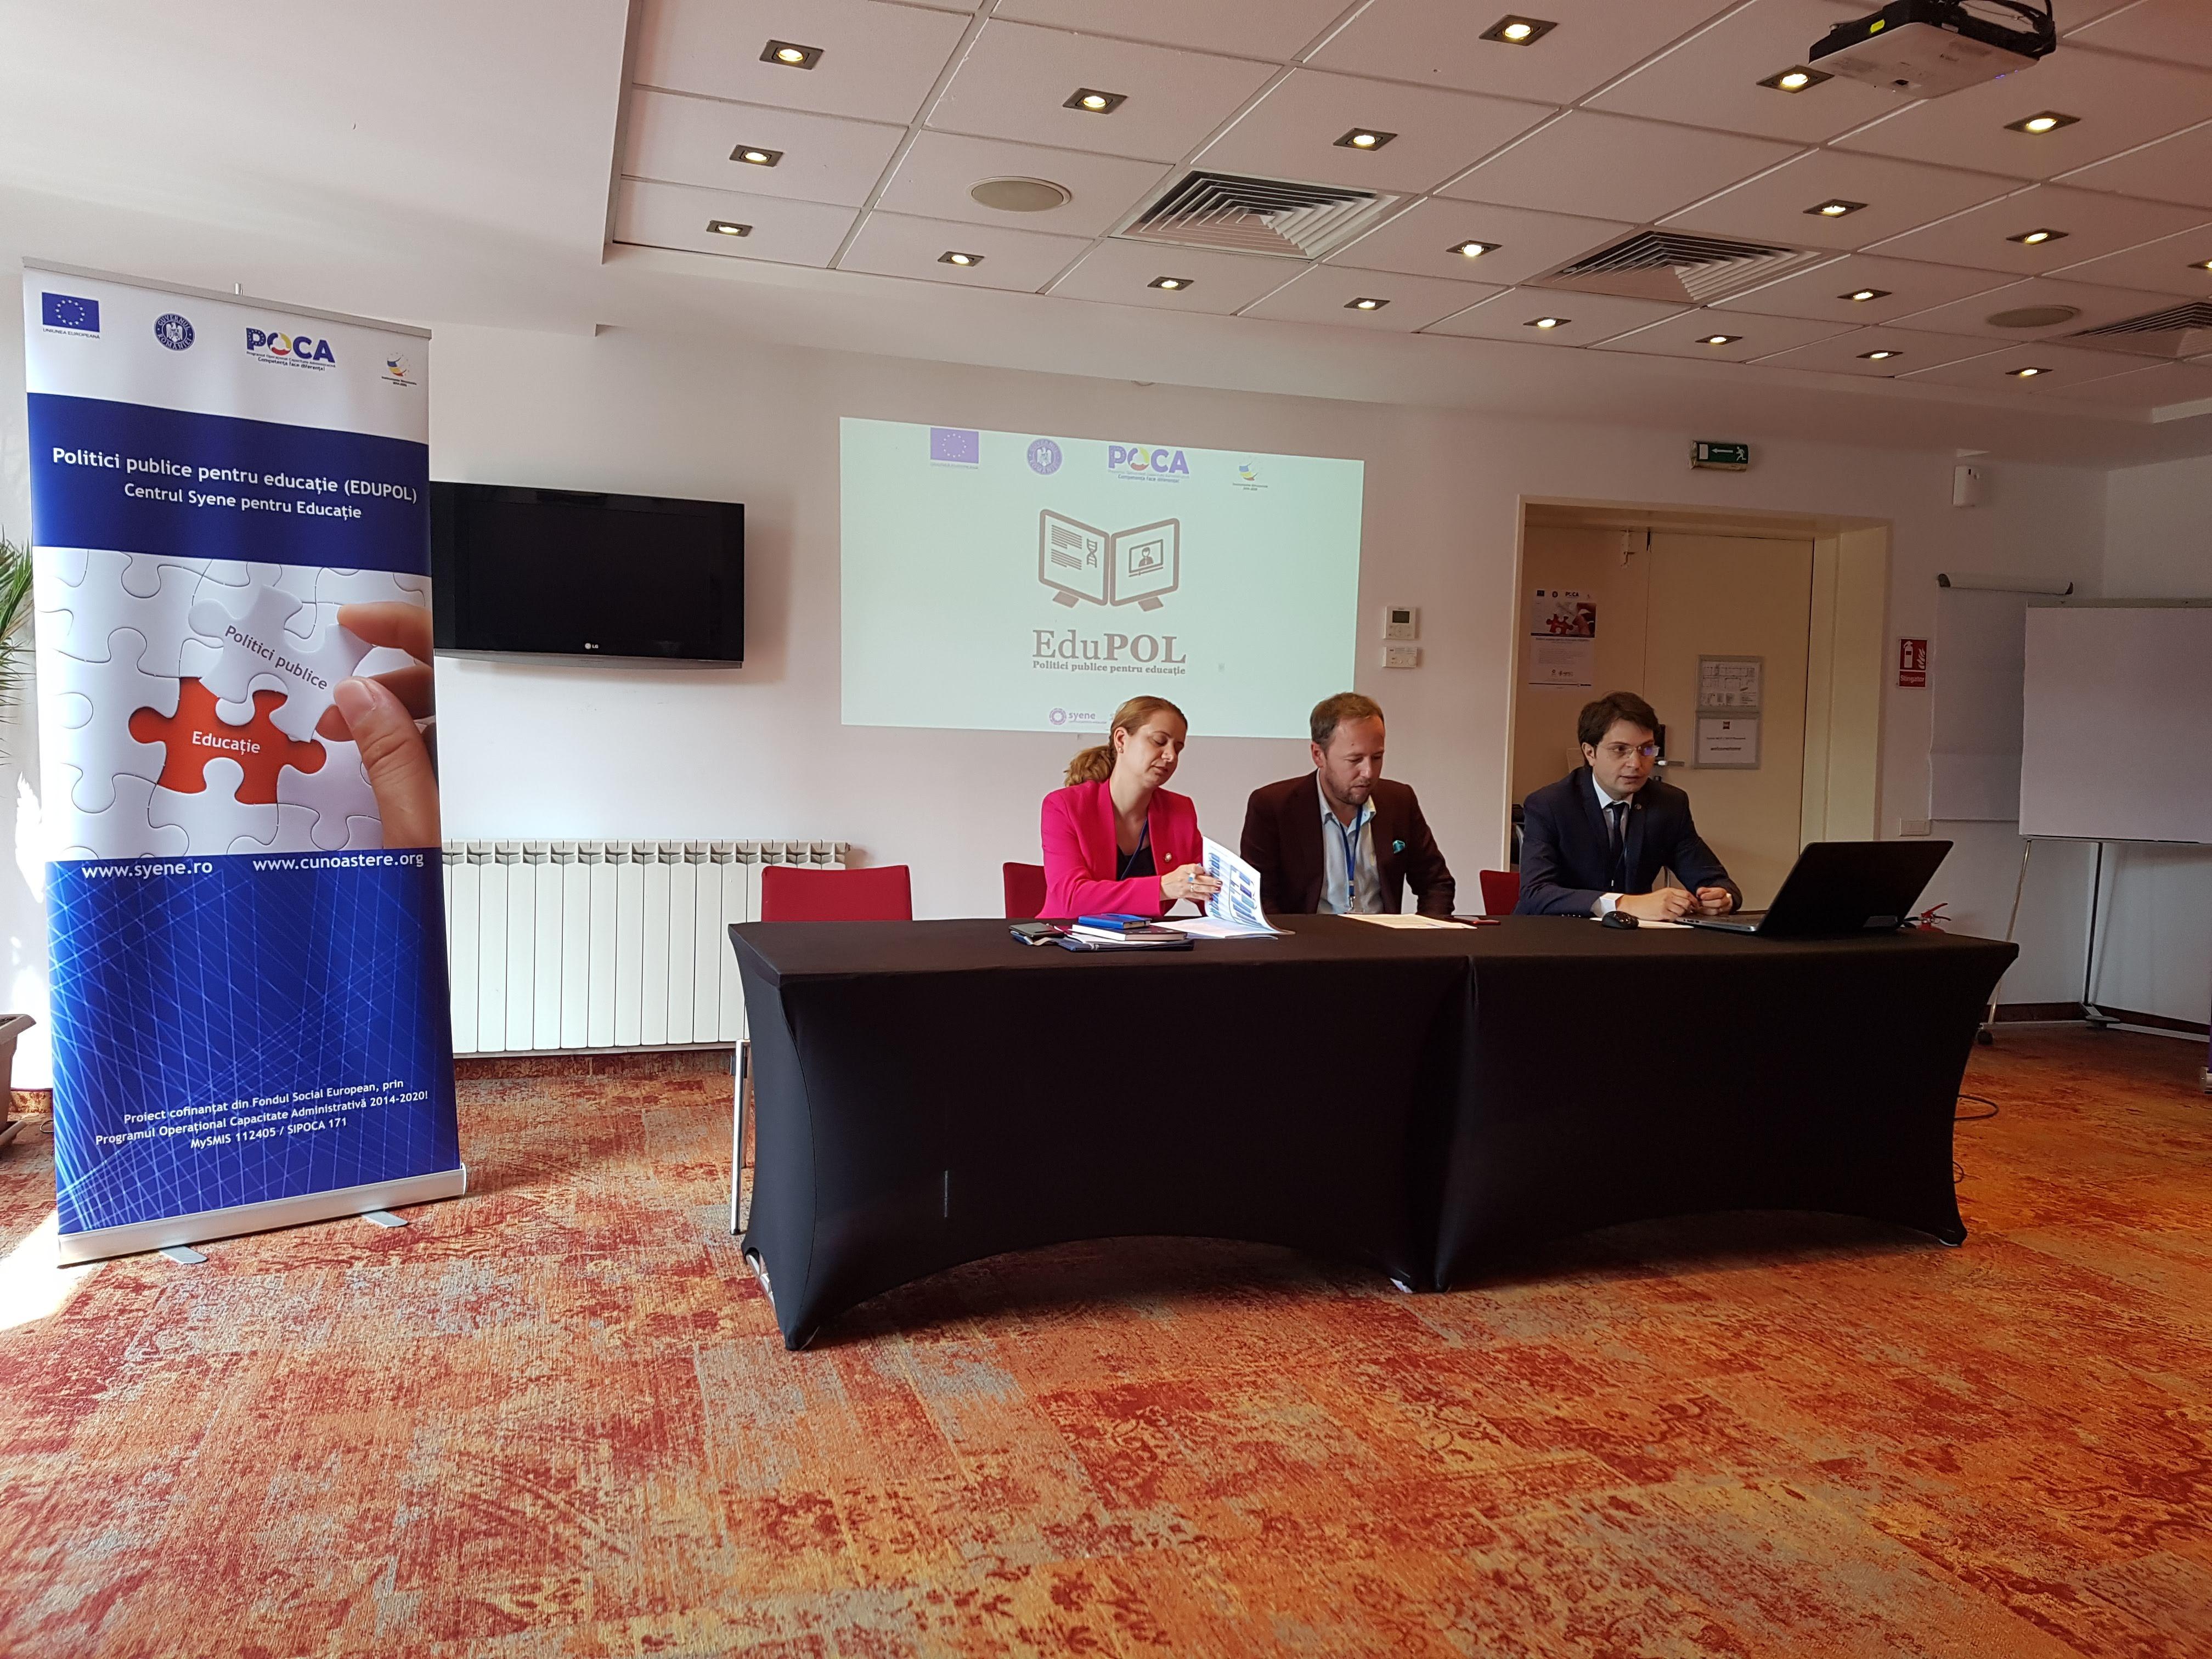 Politici publice pentru Educație (EDUPOL)